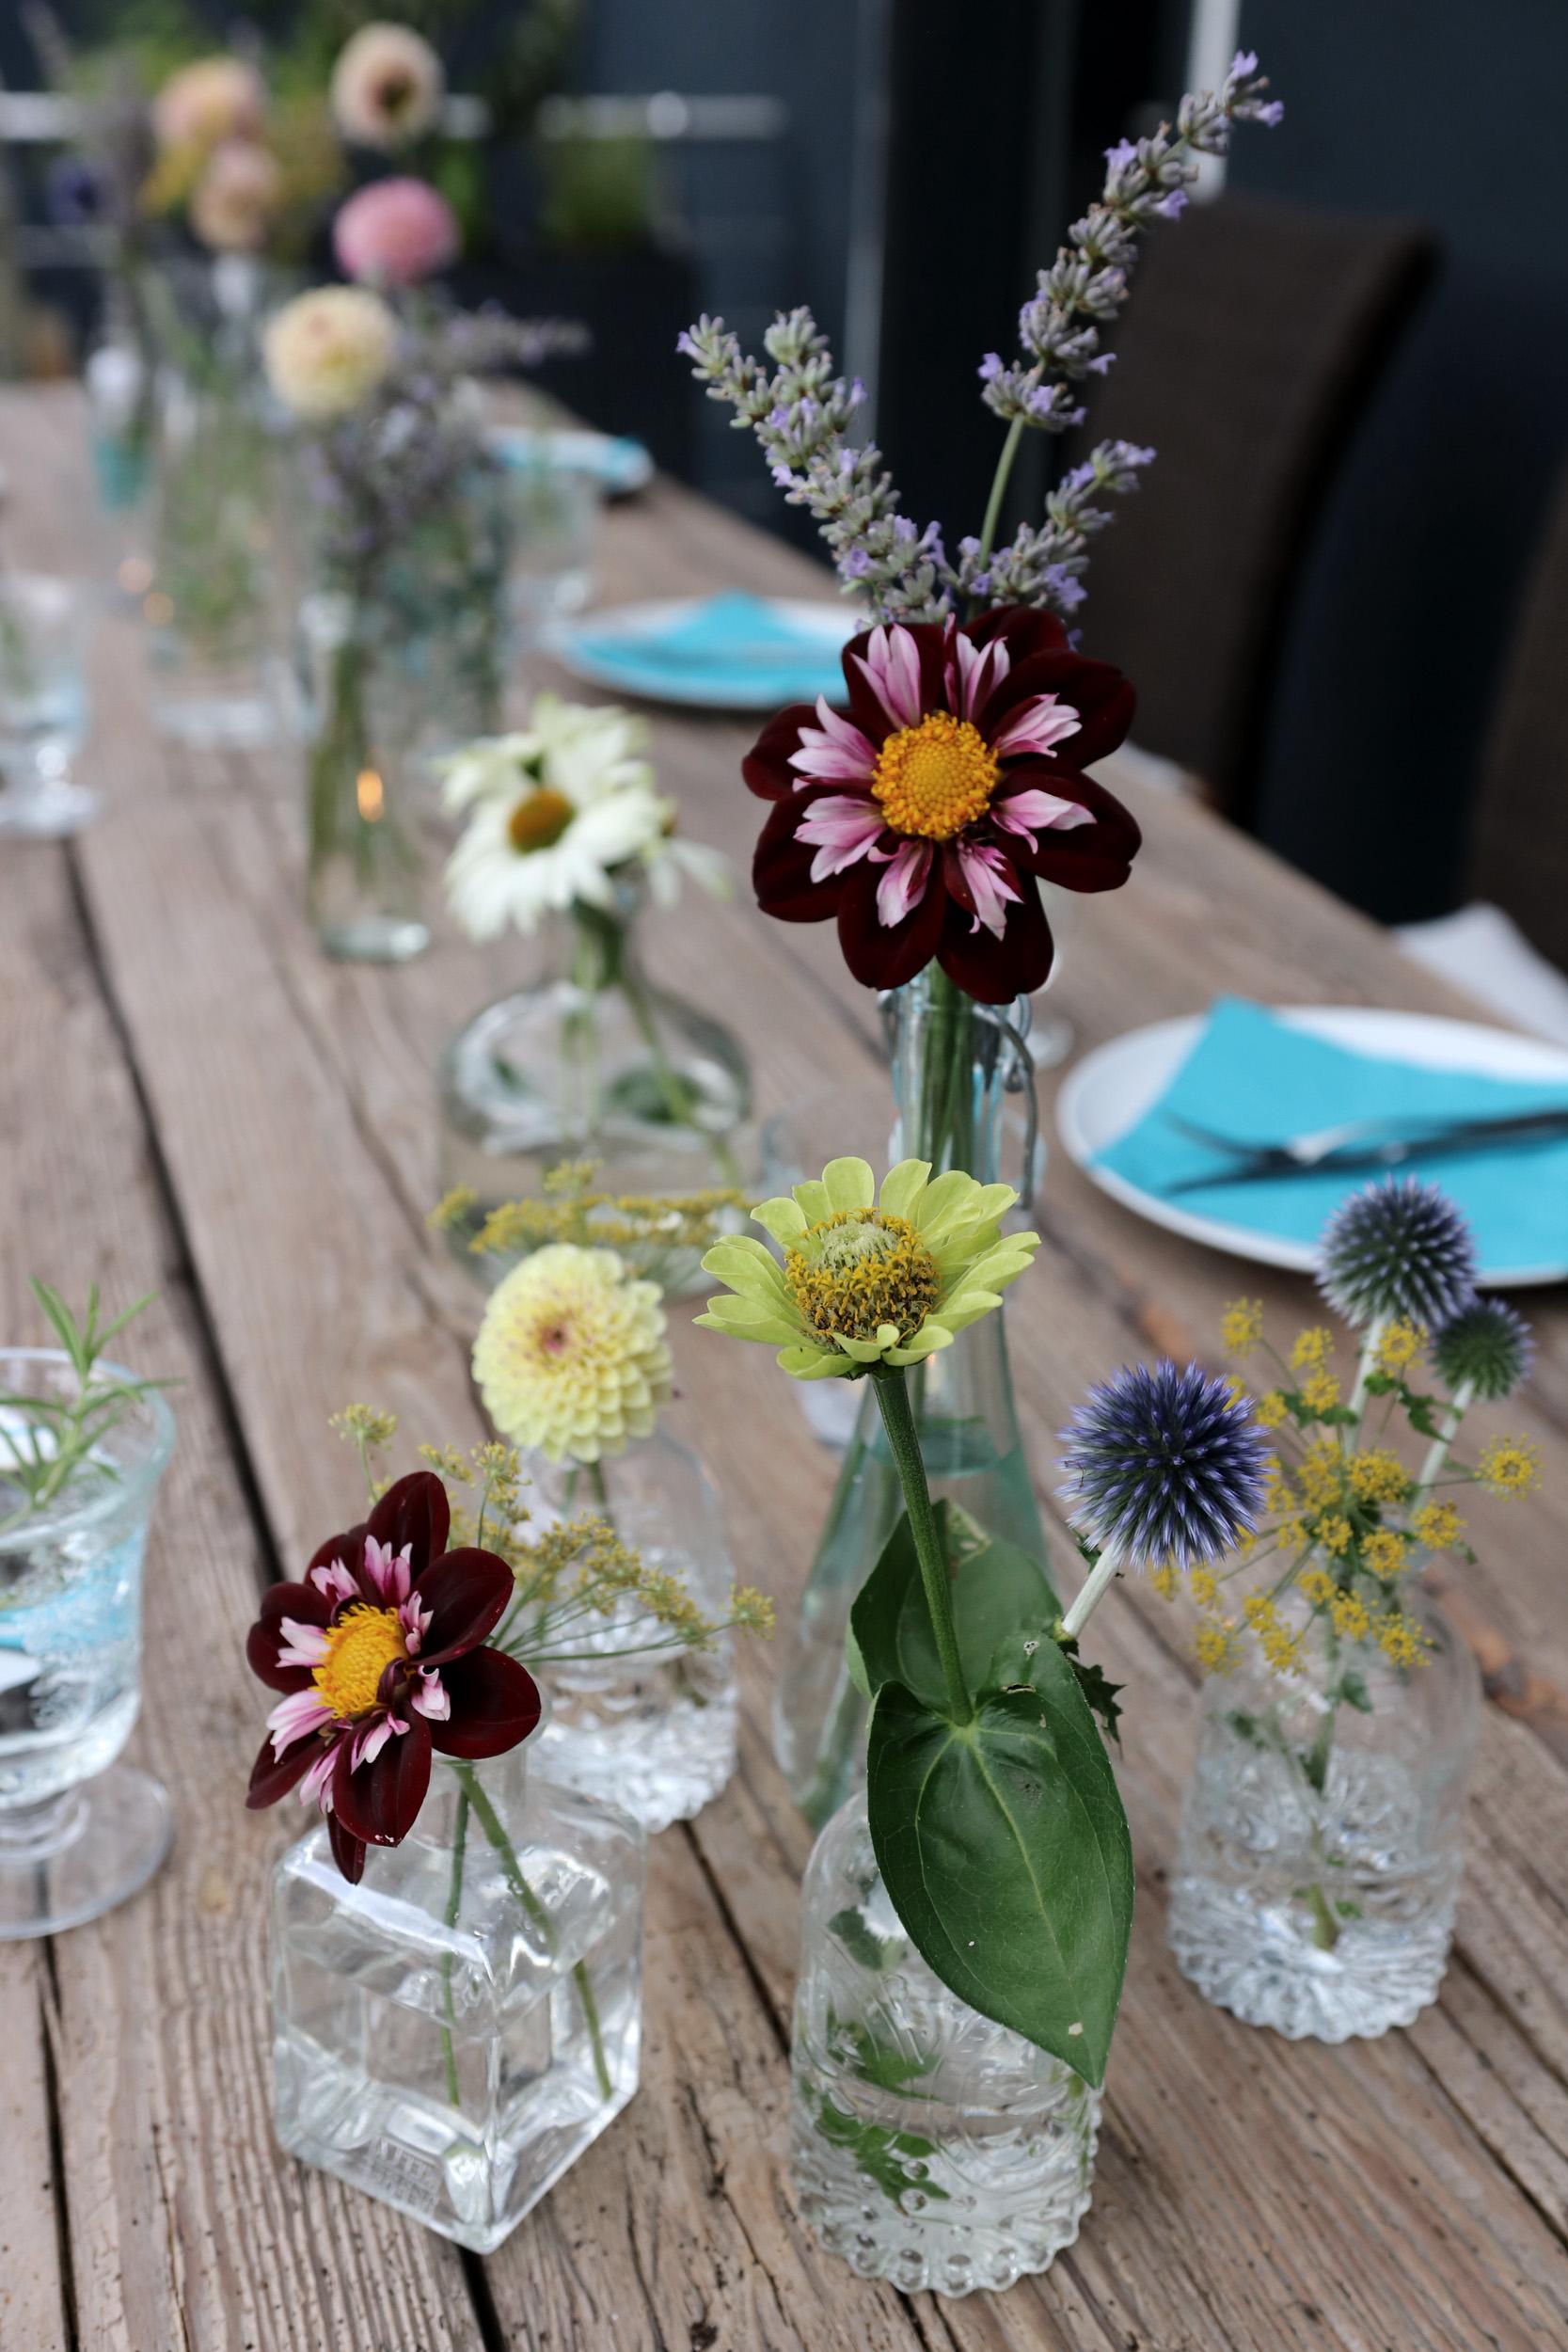 Tischdeko_Blumenvasen-mit-Sommerblumen